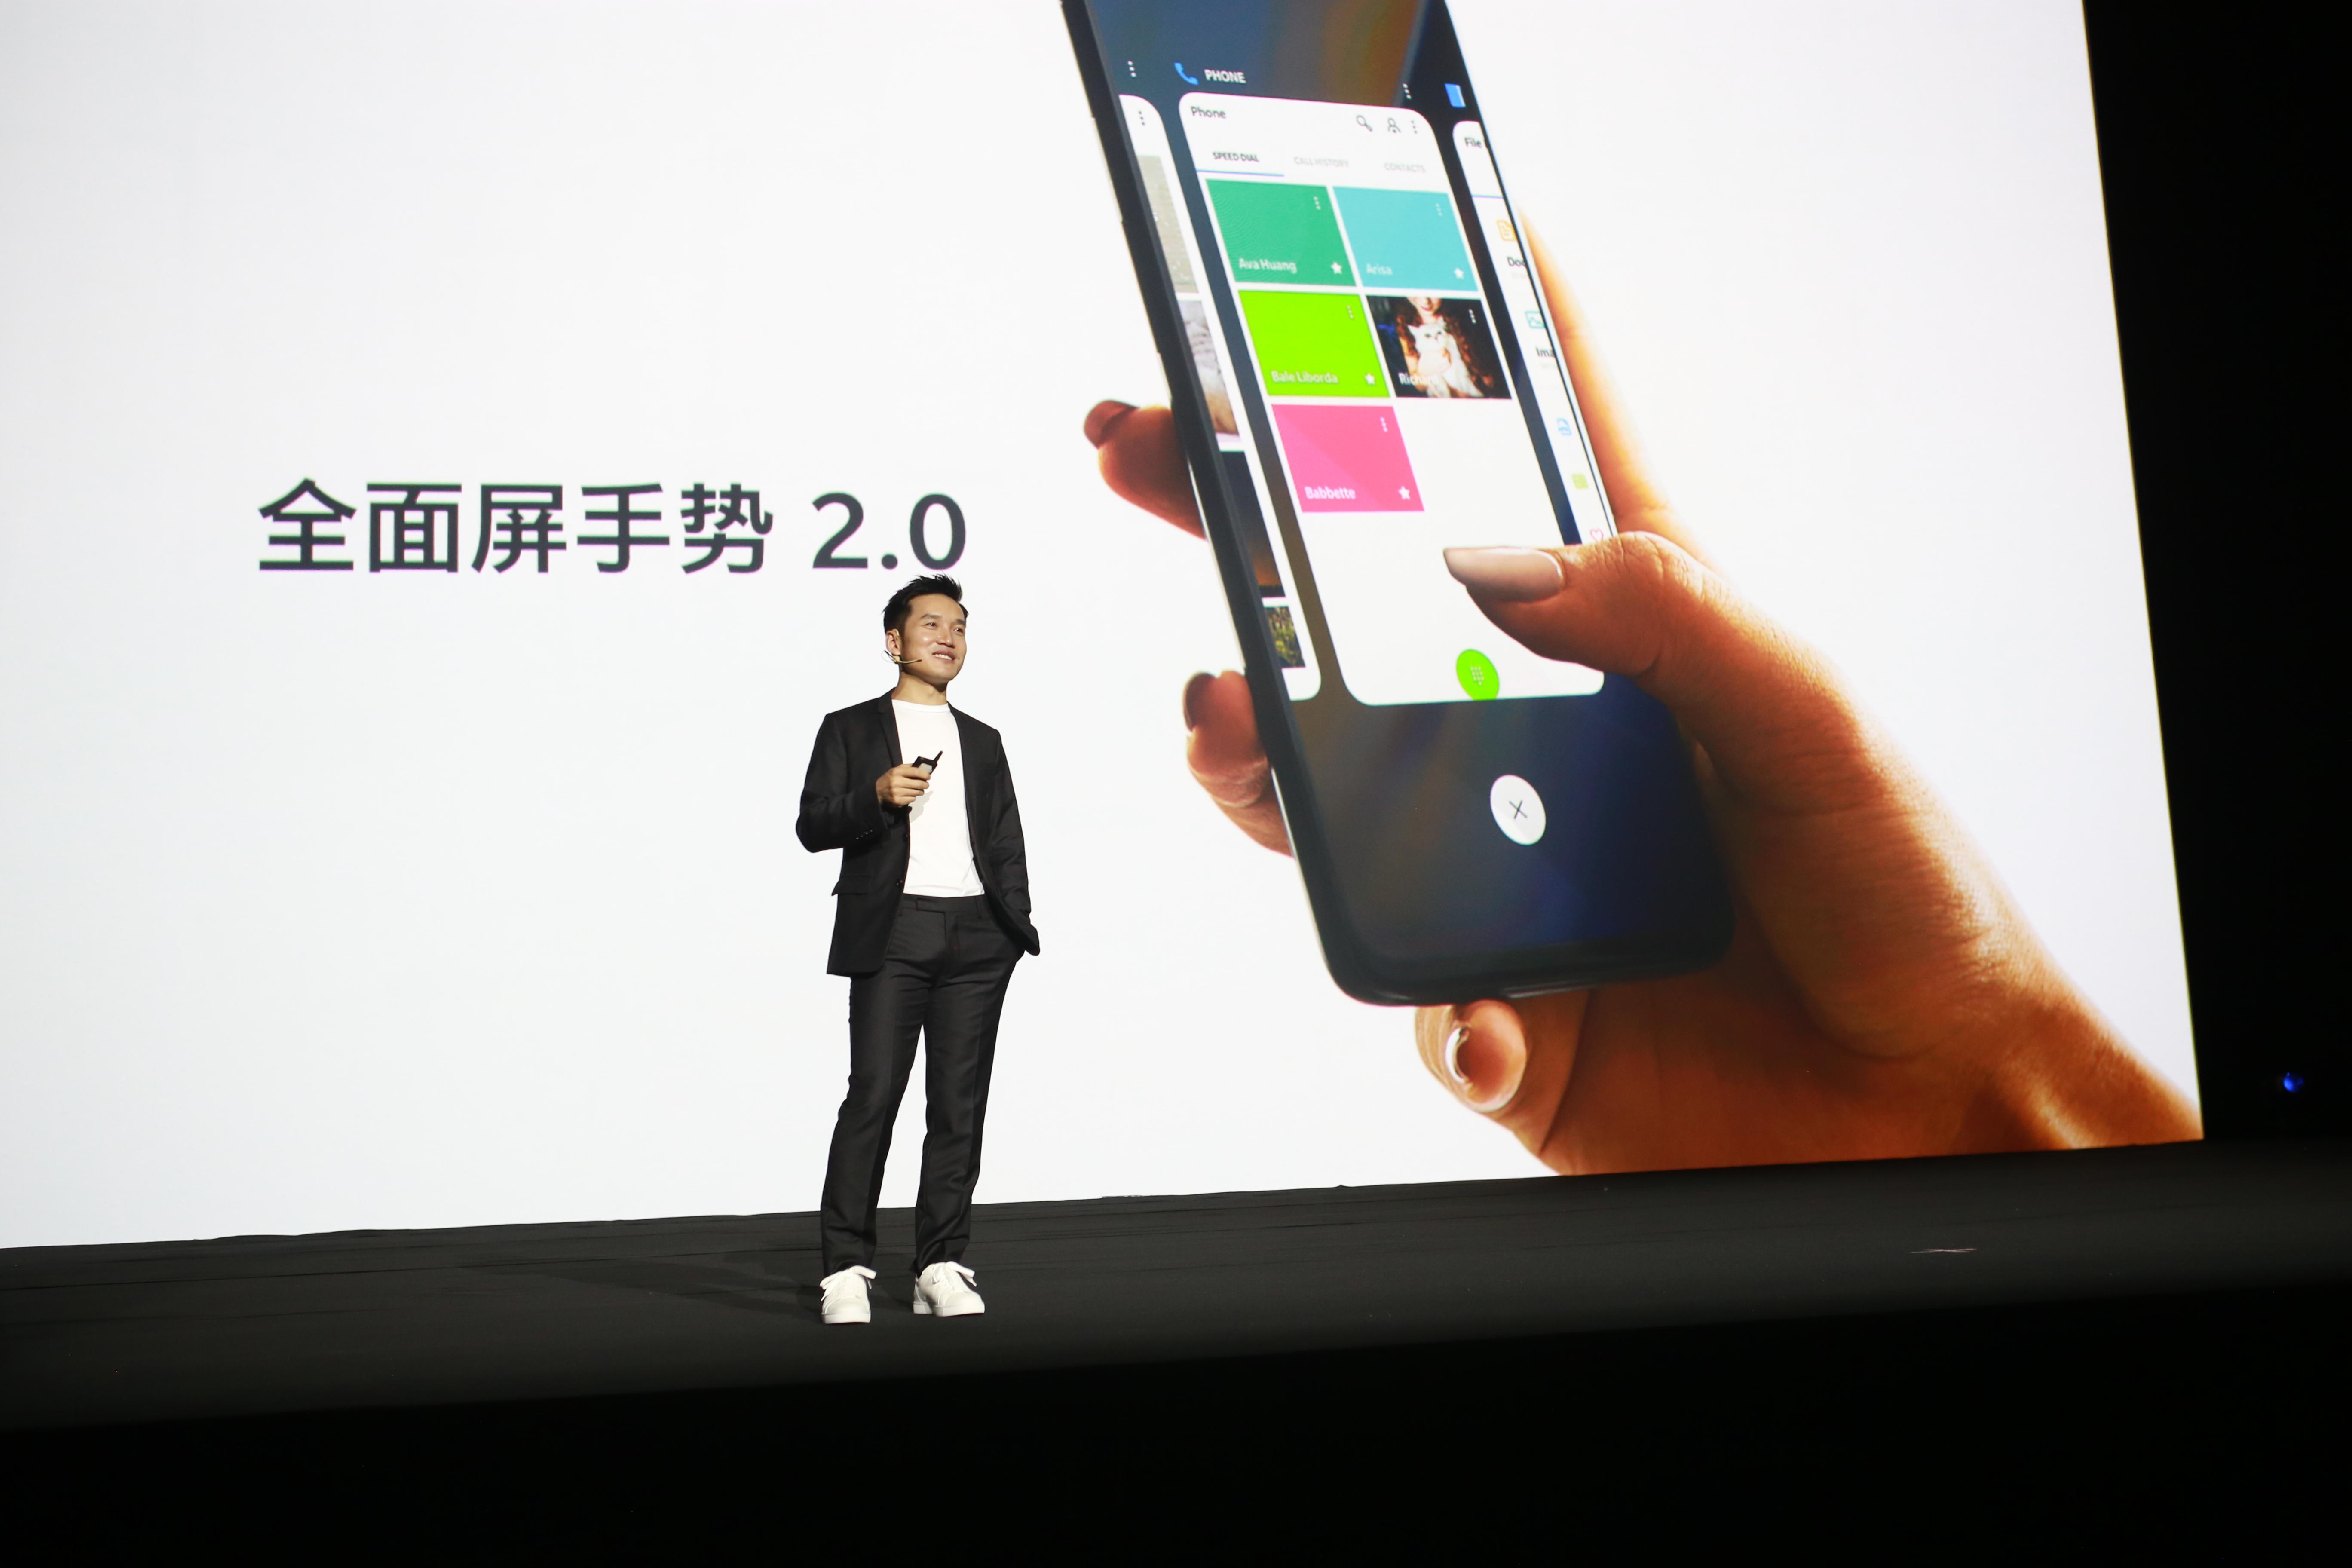 智能手机精品化时代来临:一加成为全球旗舰机市场的核心品牌